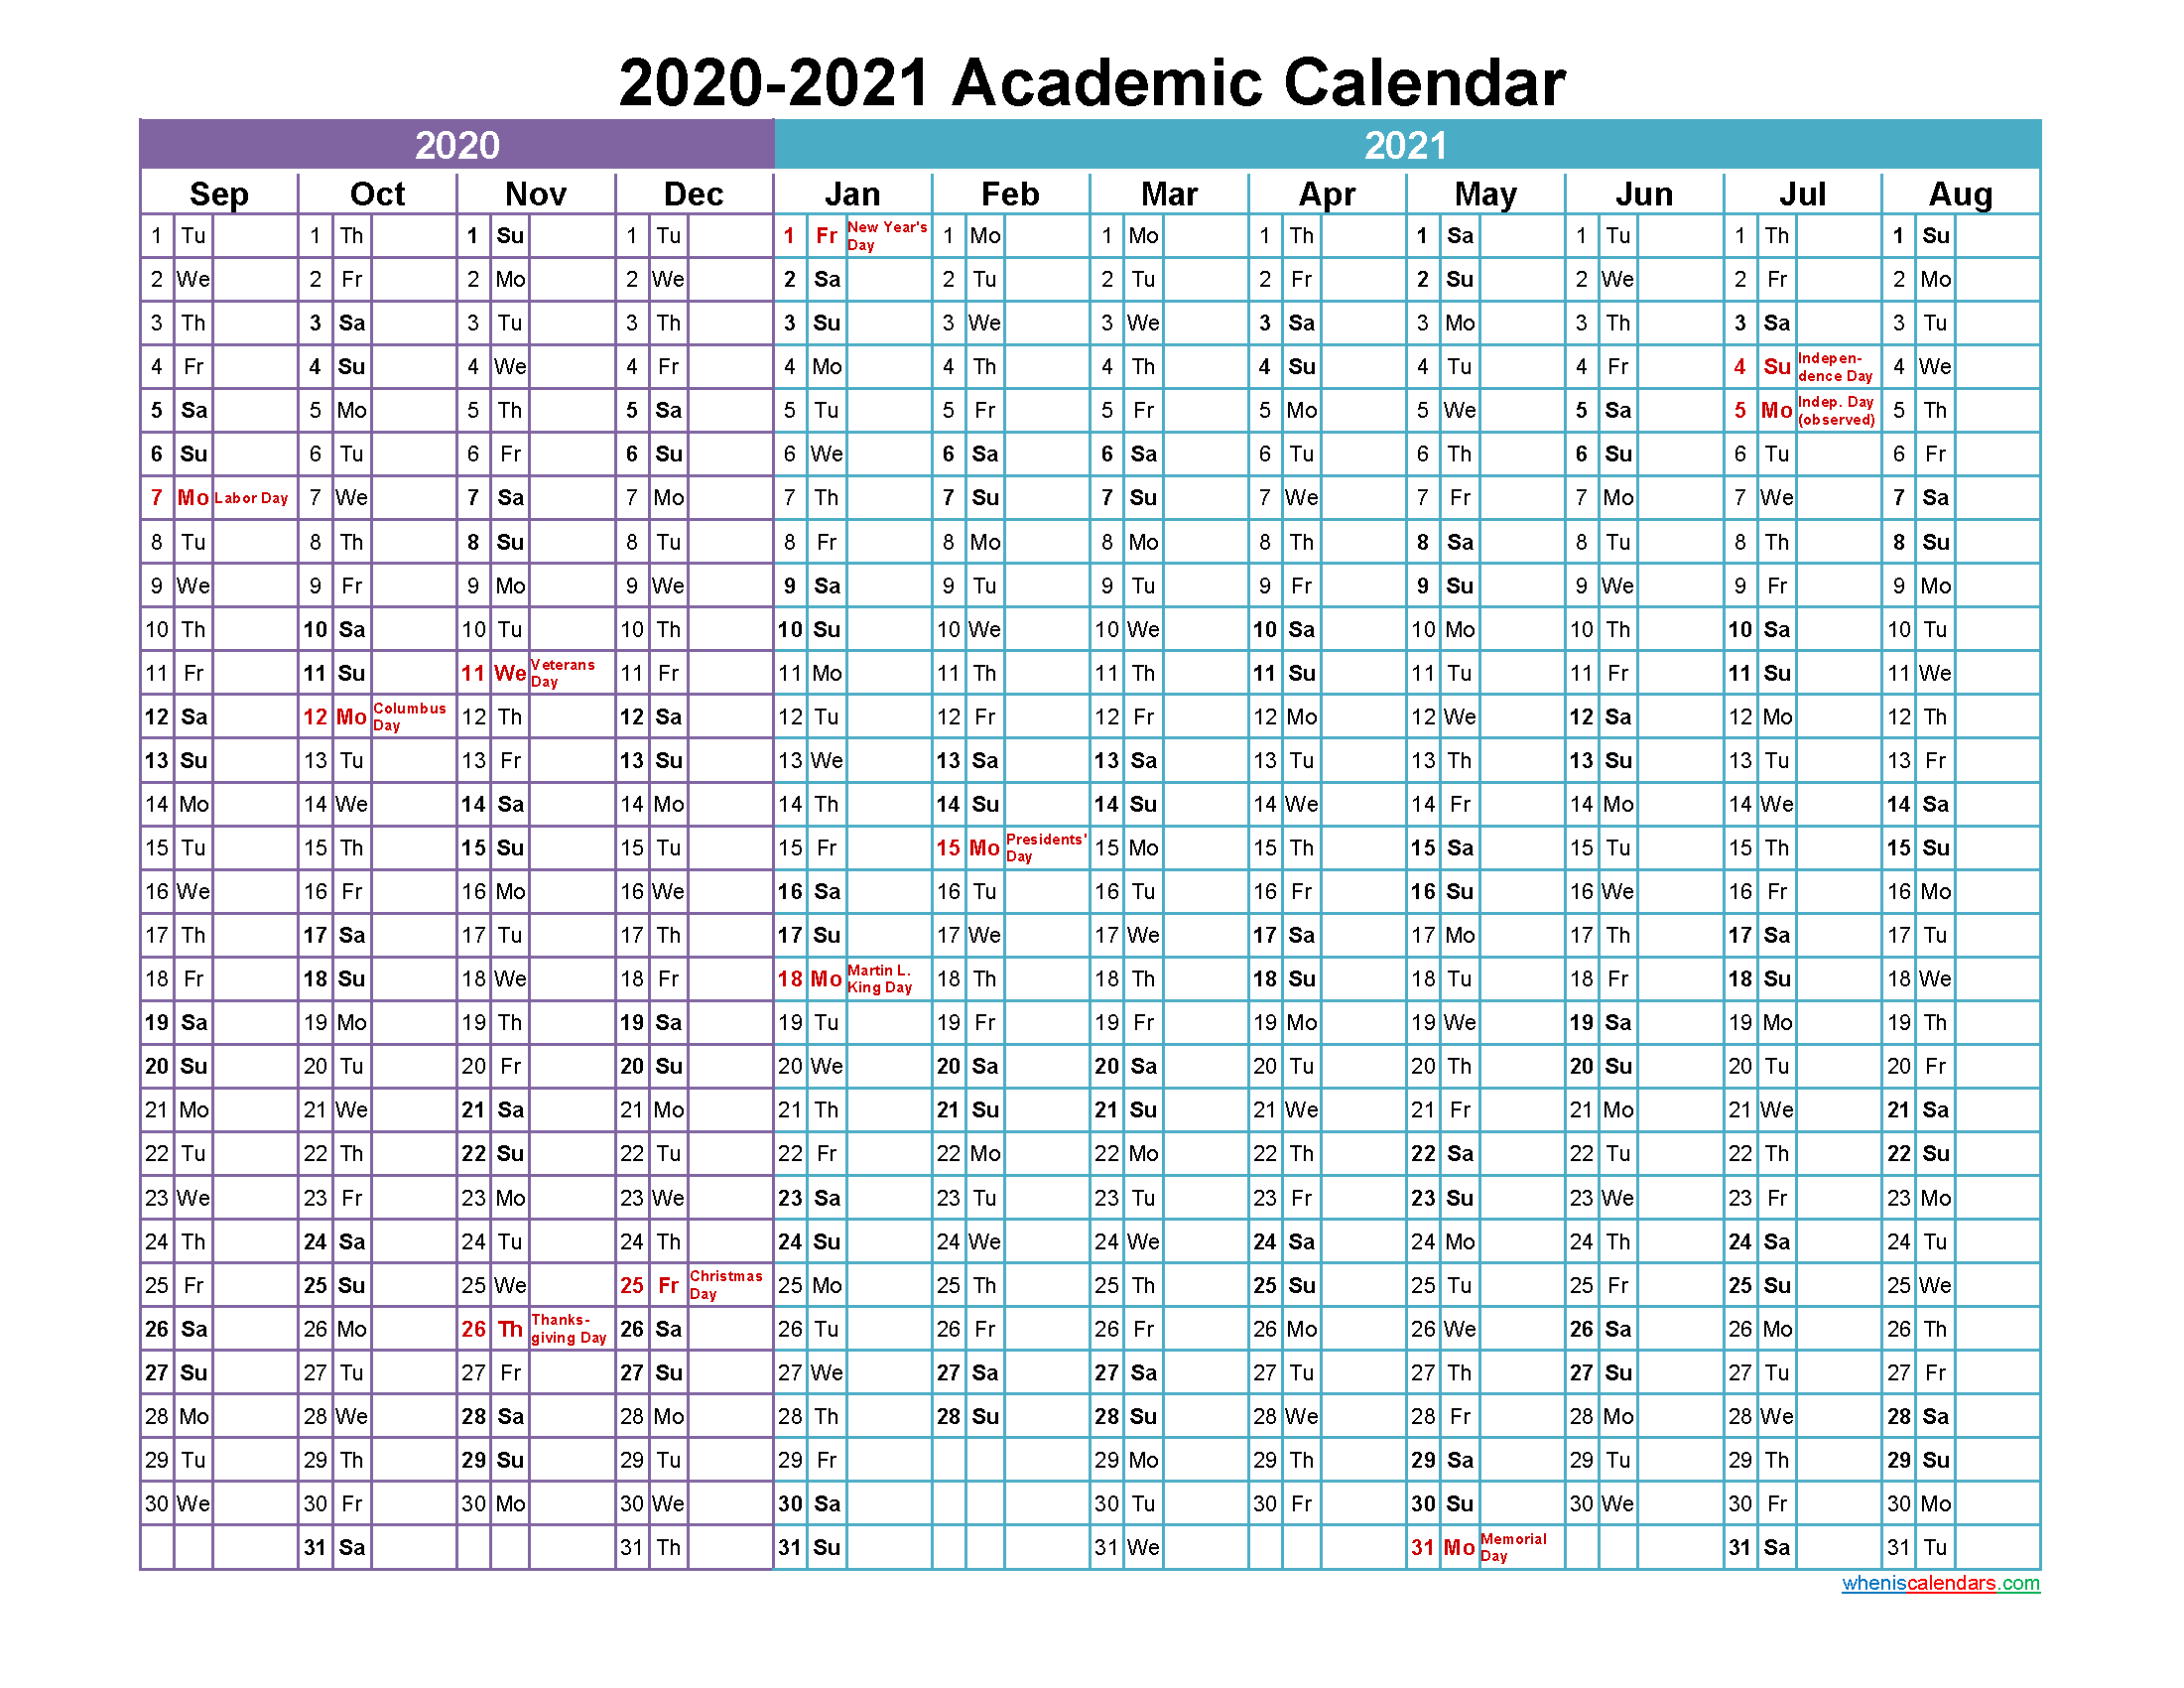 Academic Calendar 2020 and 2021 Printable